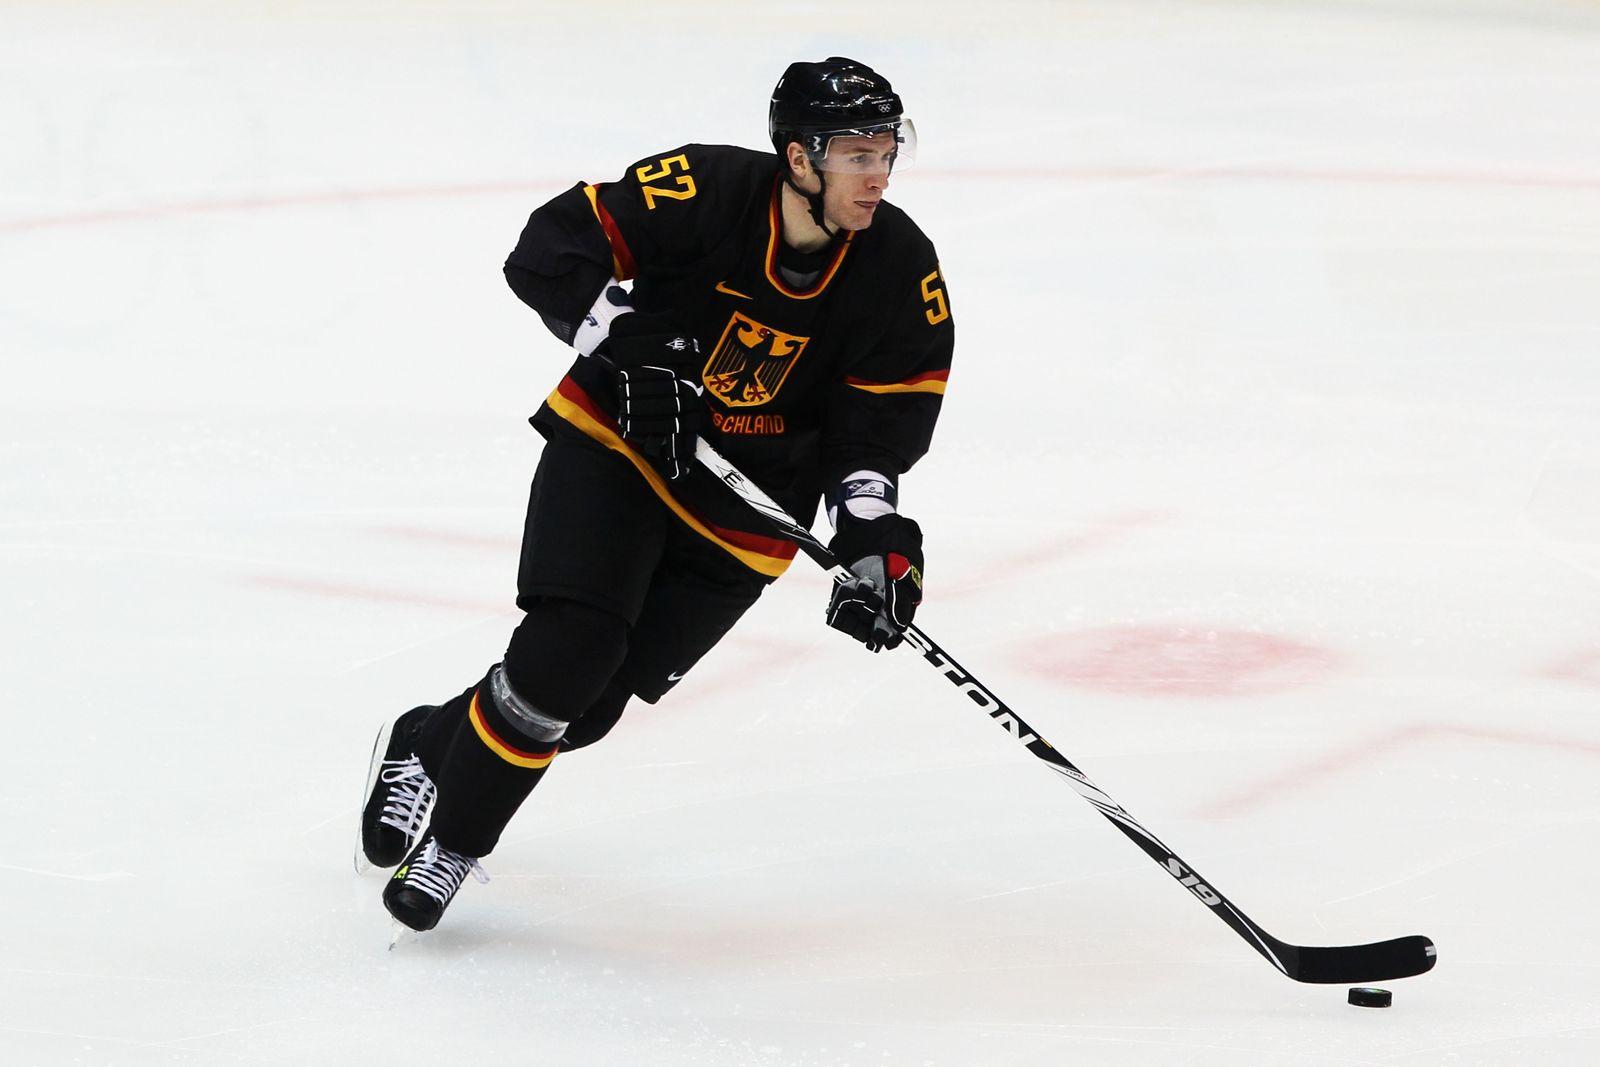 NHL Alexander Sulzer